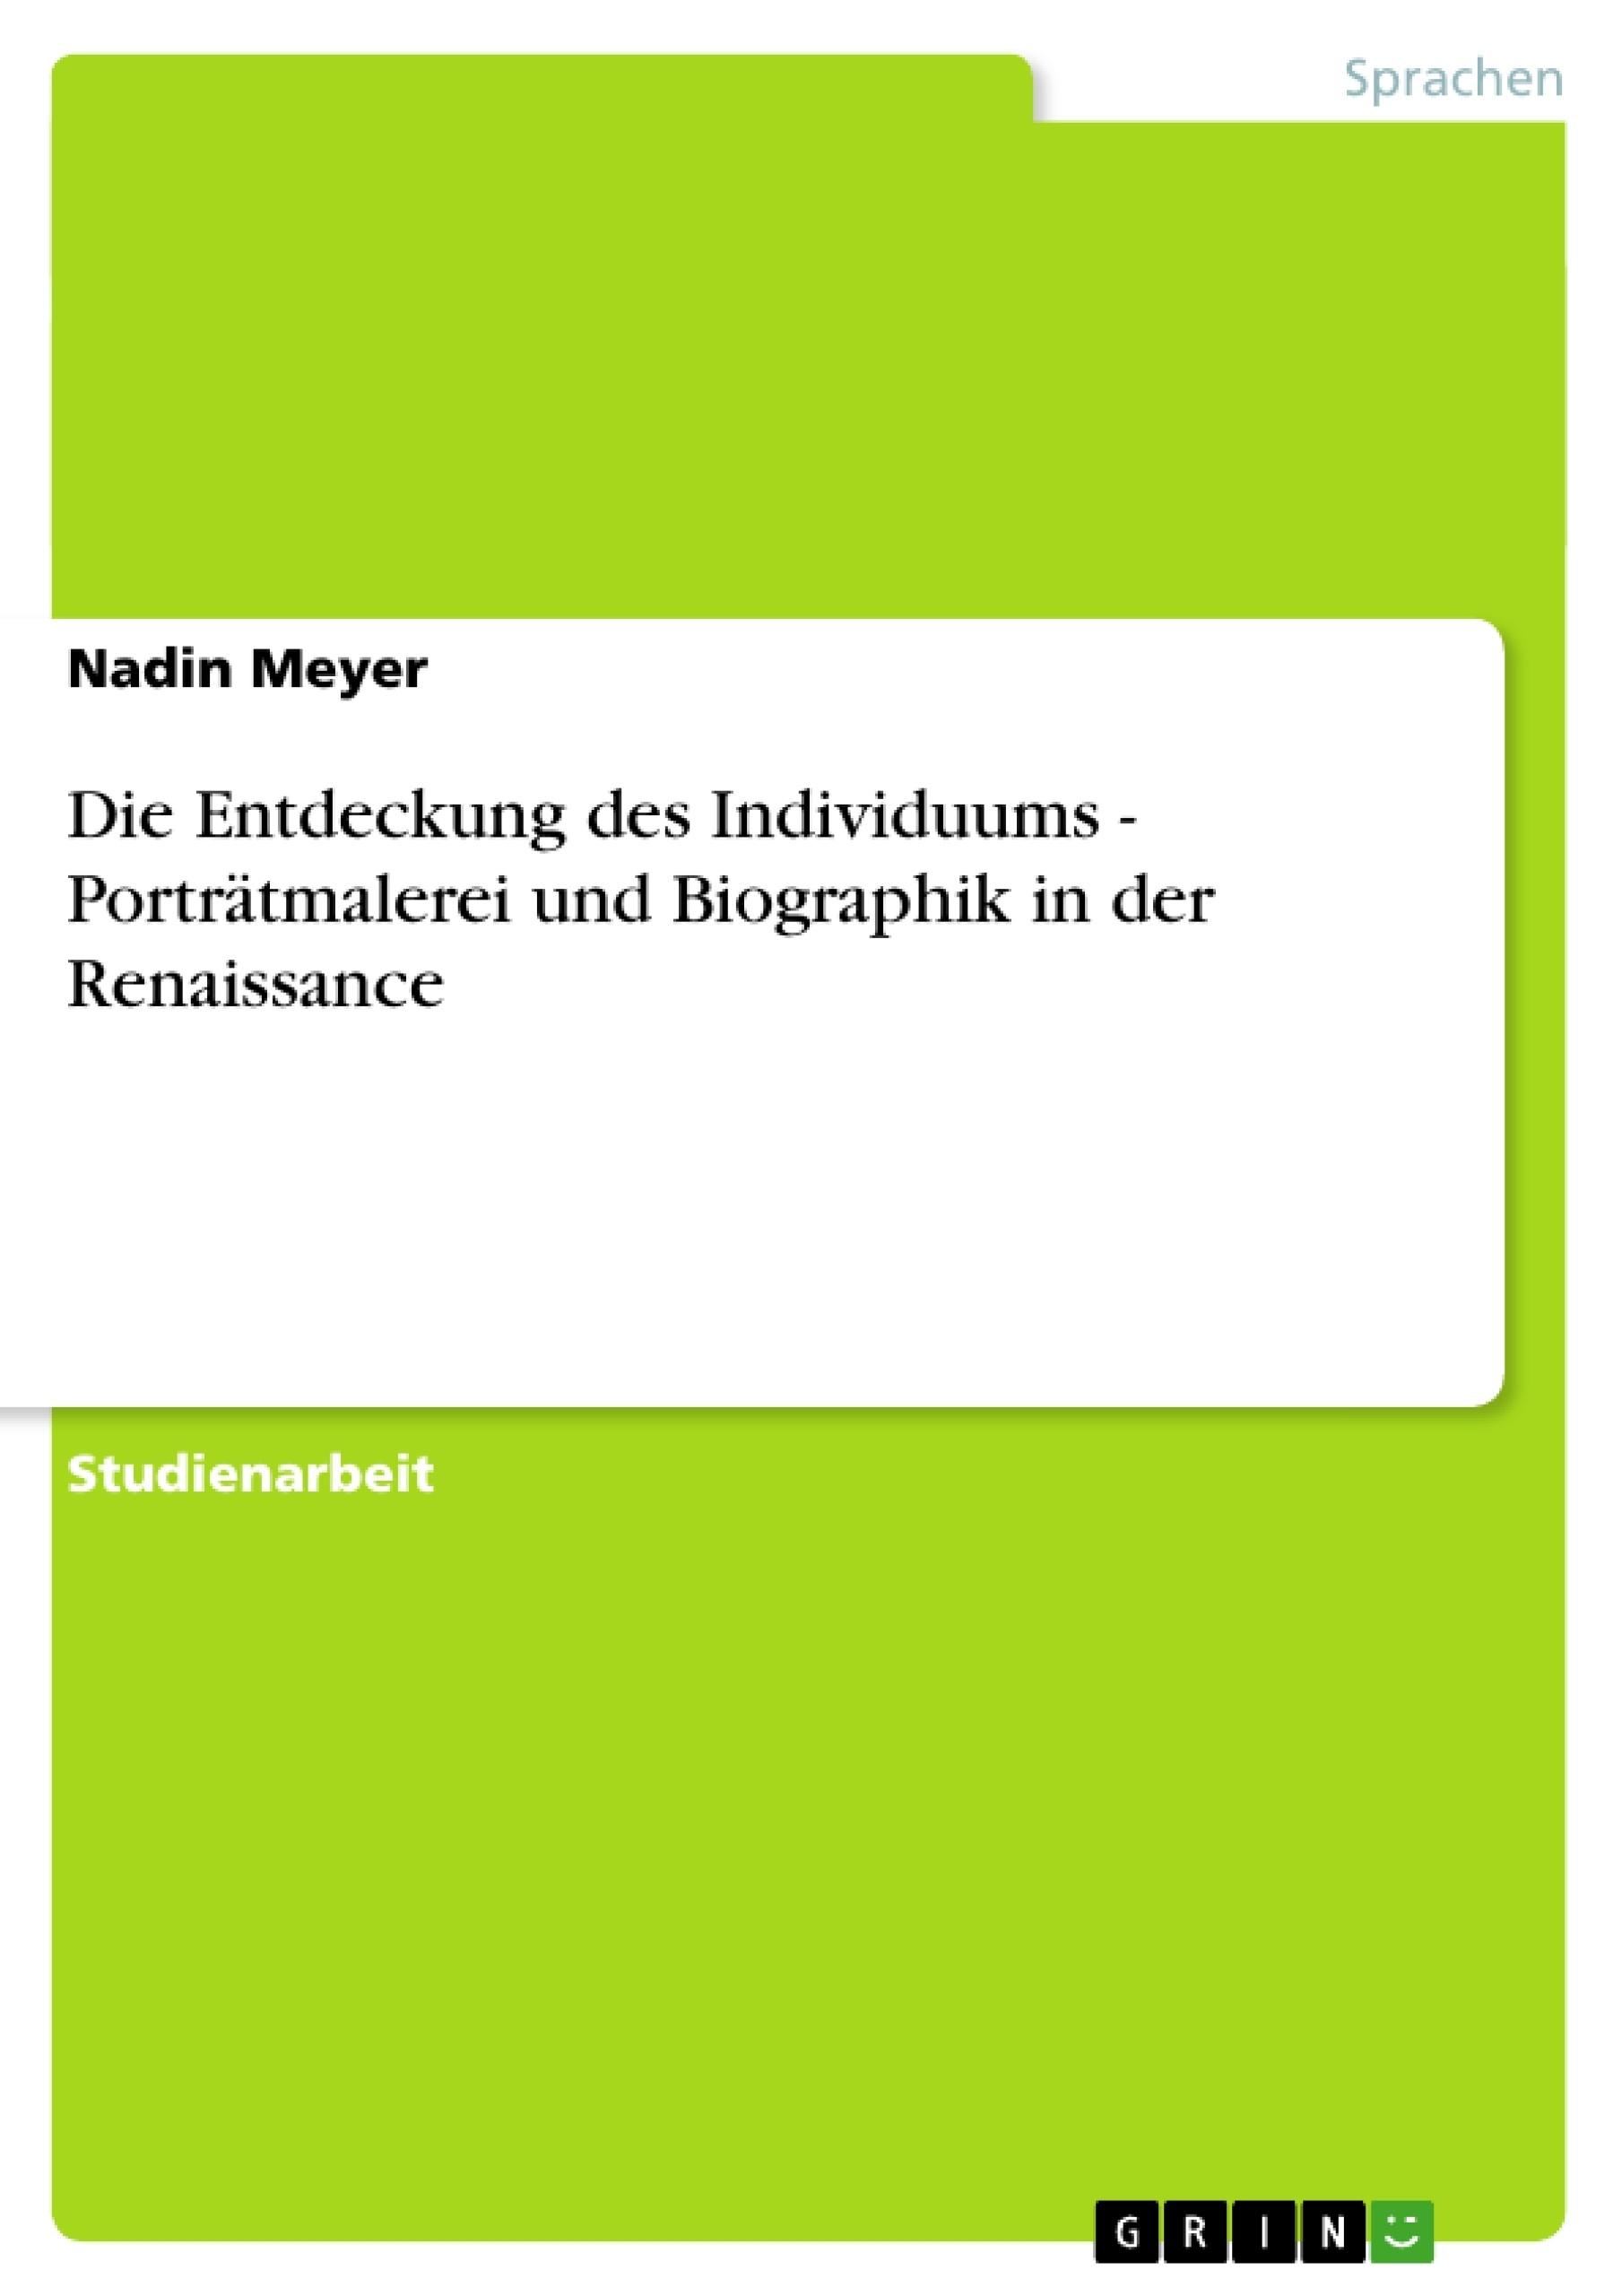 Titel: Die Entdeckung des Individuums - Porträtmalerei und Biographik in der Renaissance